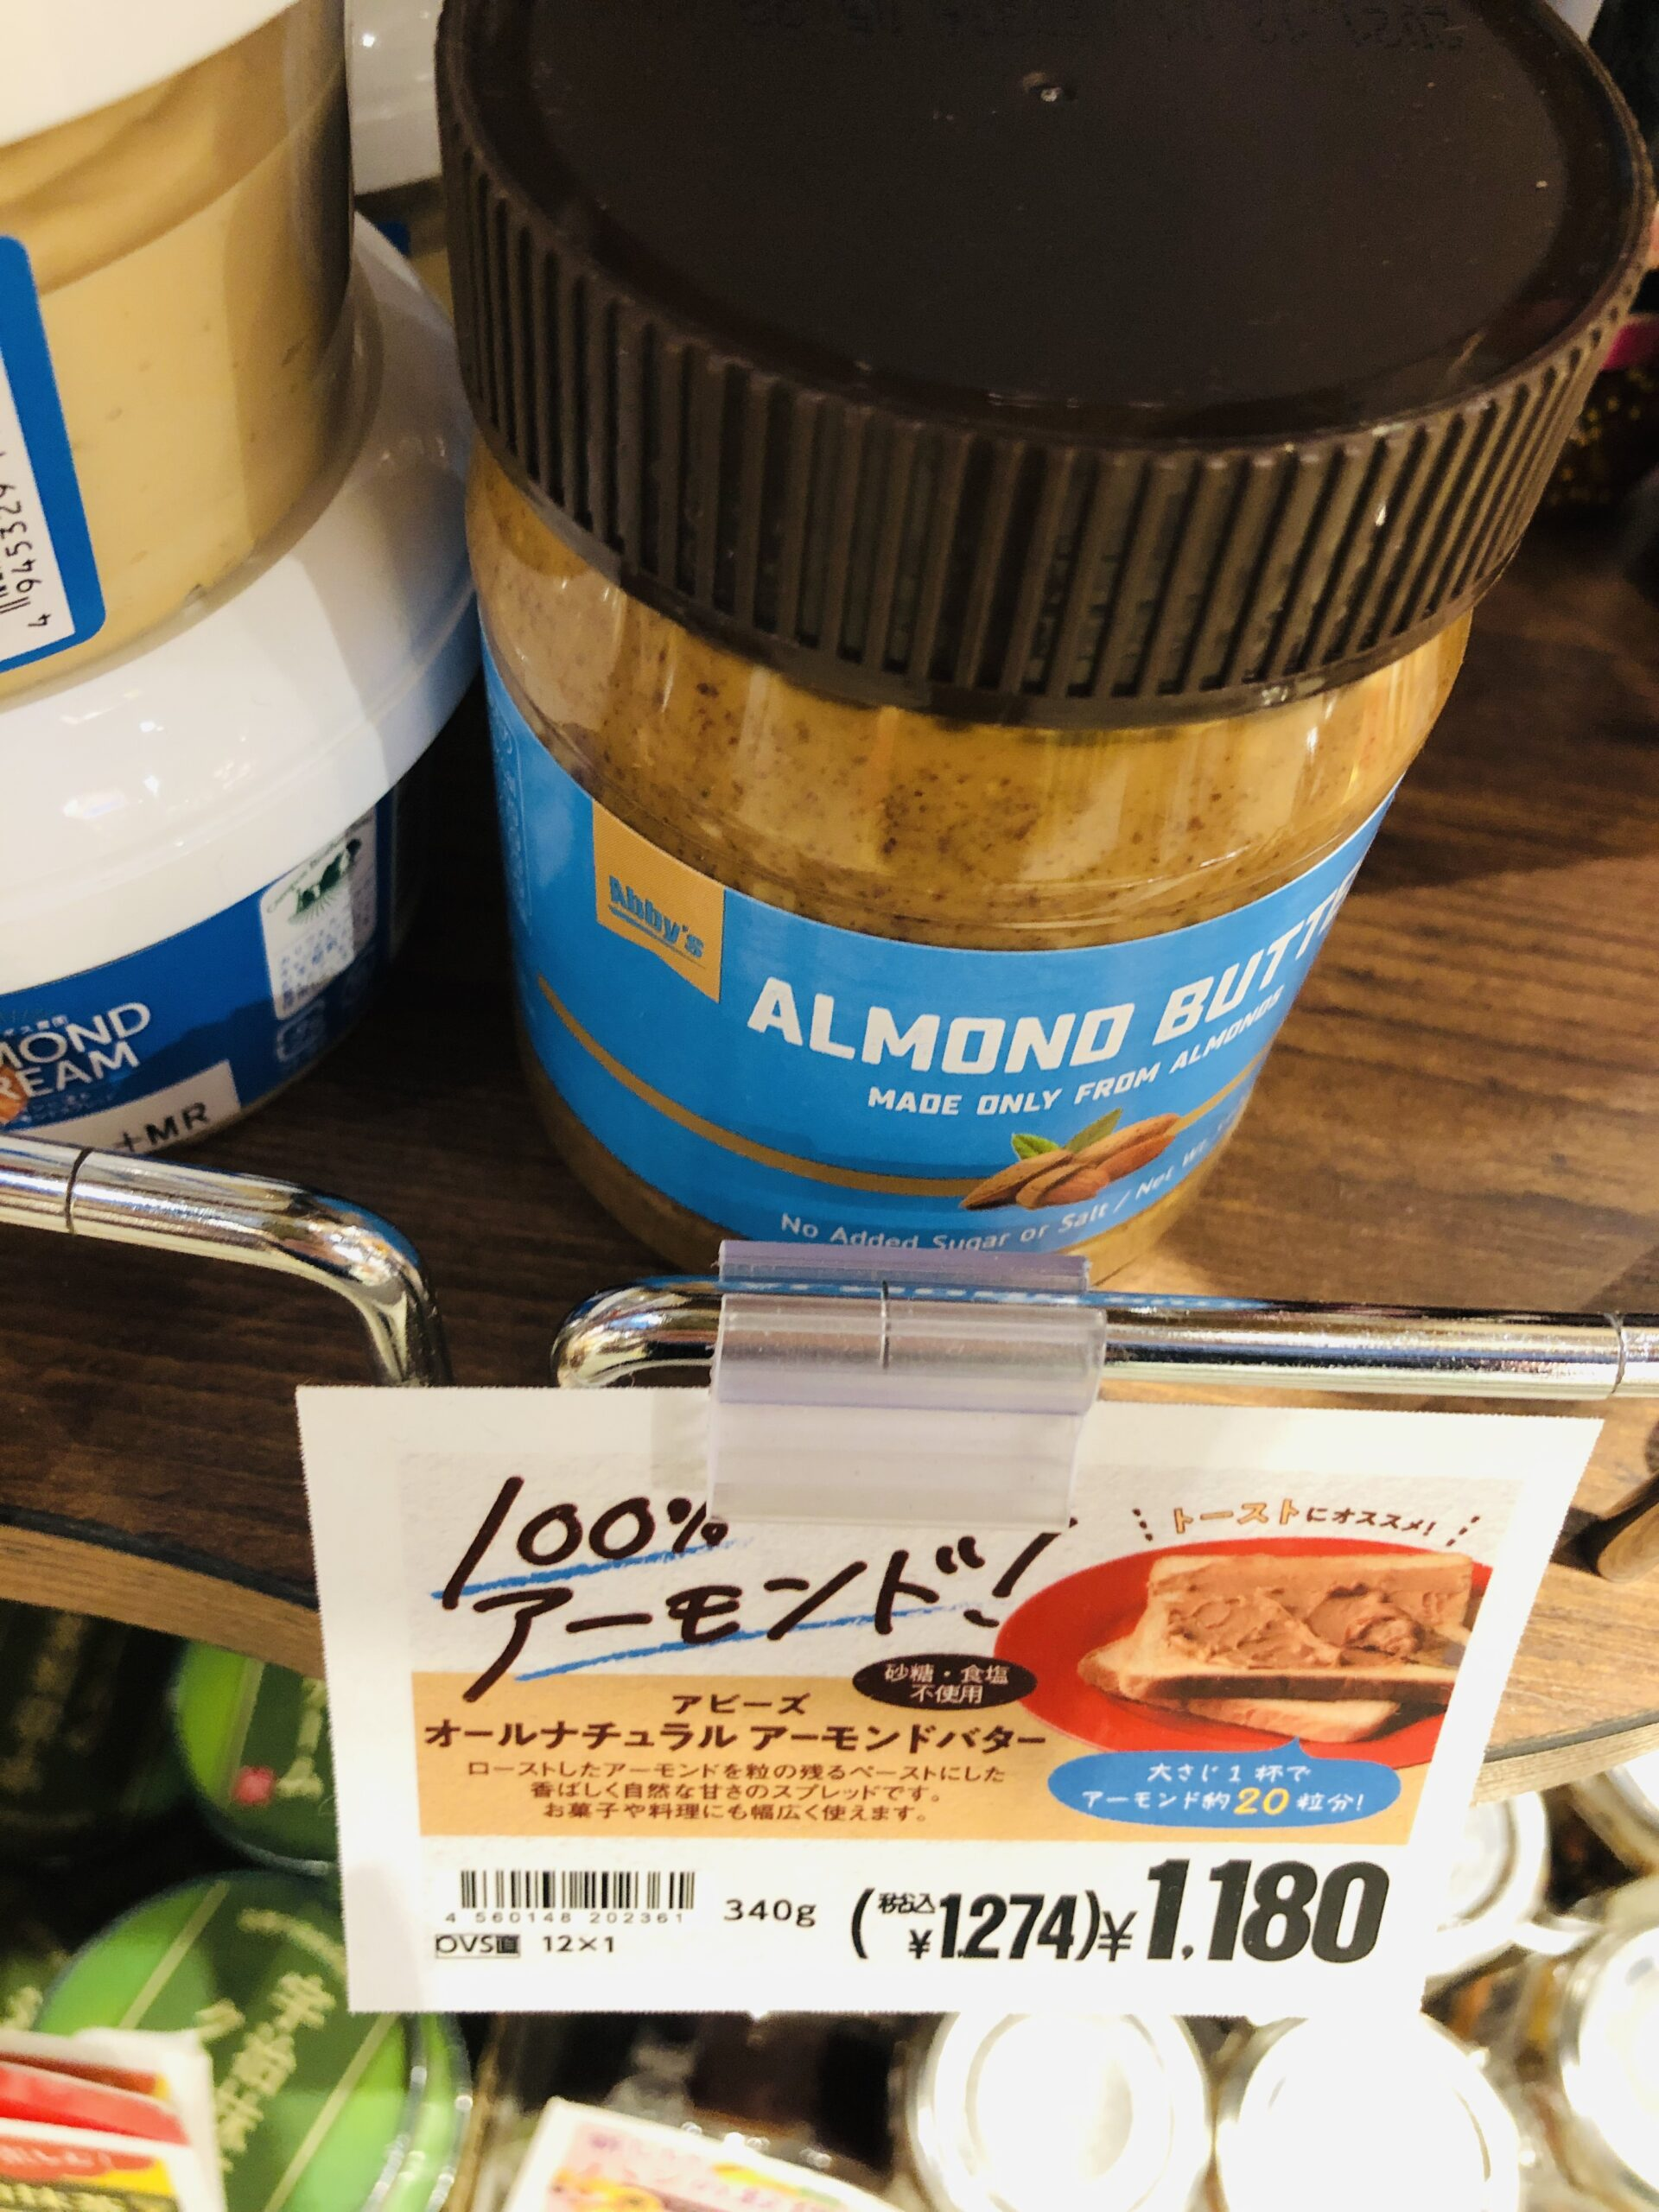 アーモンドペーストの店頭販売の画像です